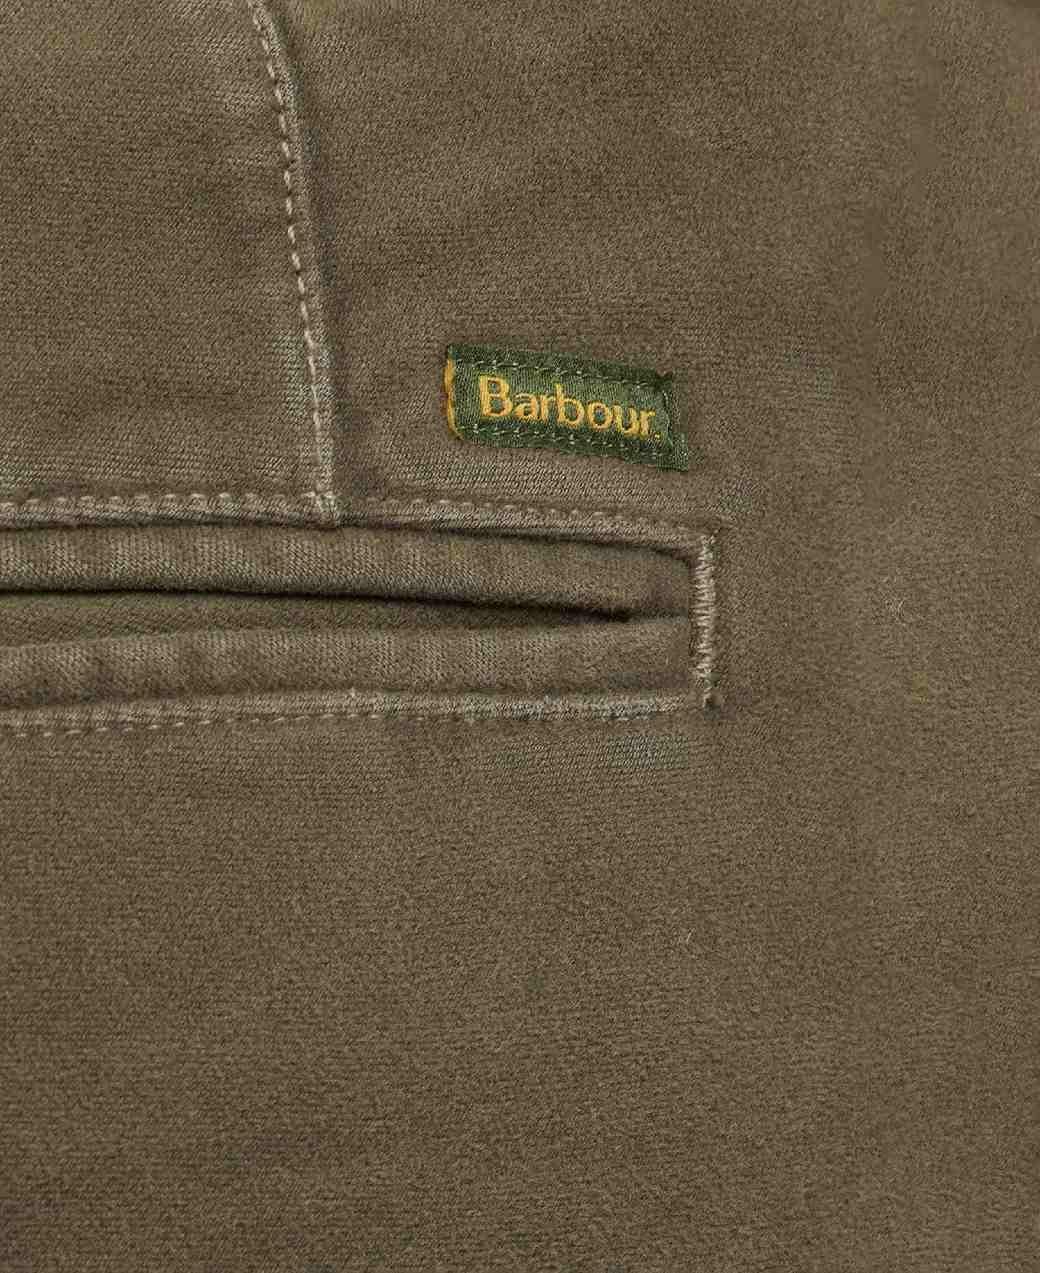 Barbour Neuston Moleskin Trouser Dark Olive-6